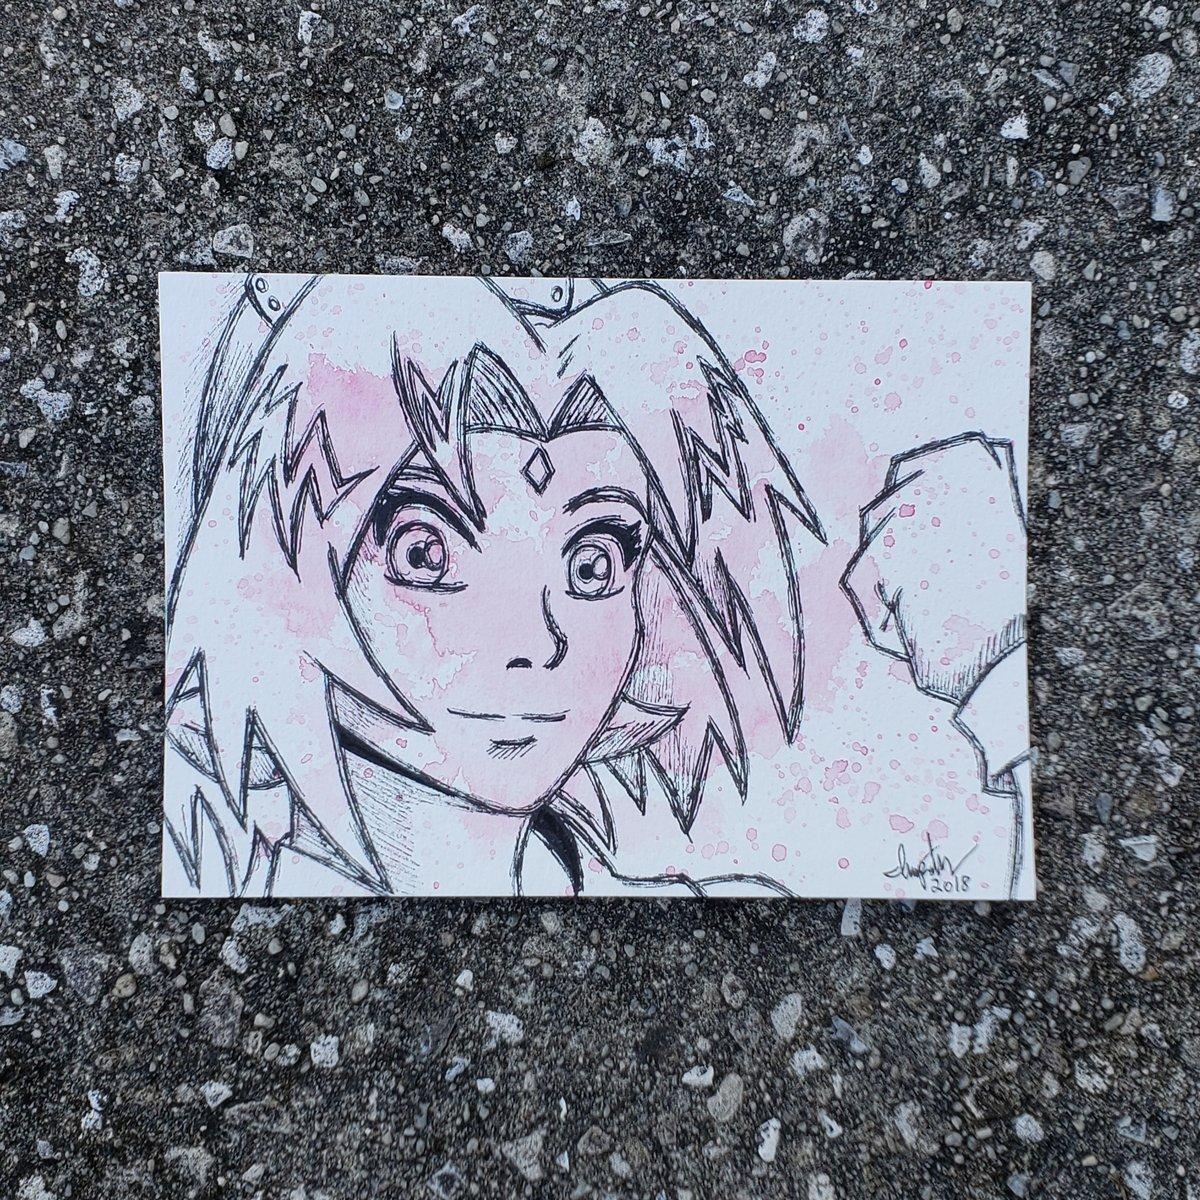 Image of Naruto Shippuden Character set